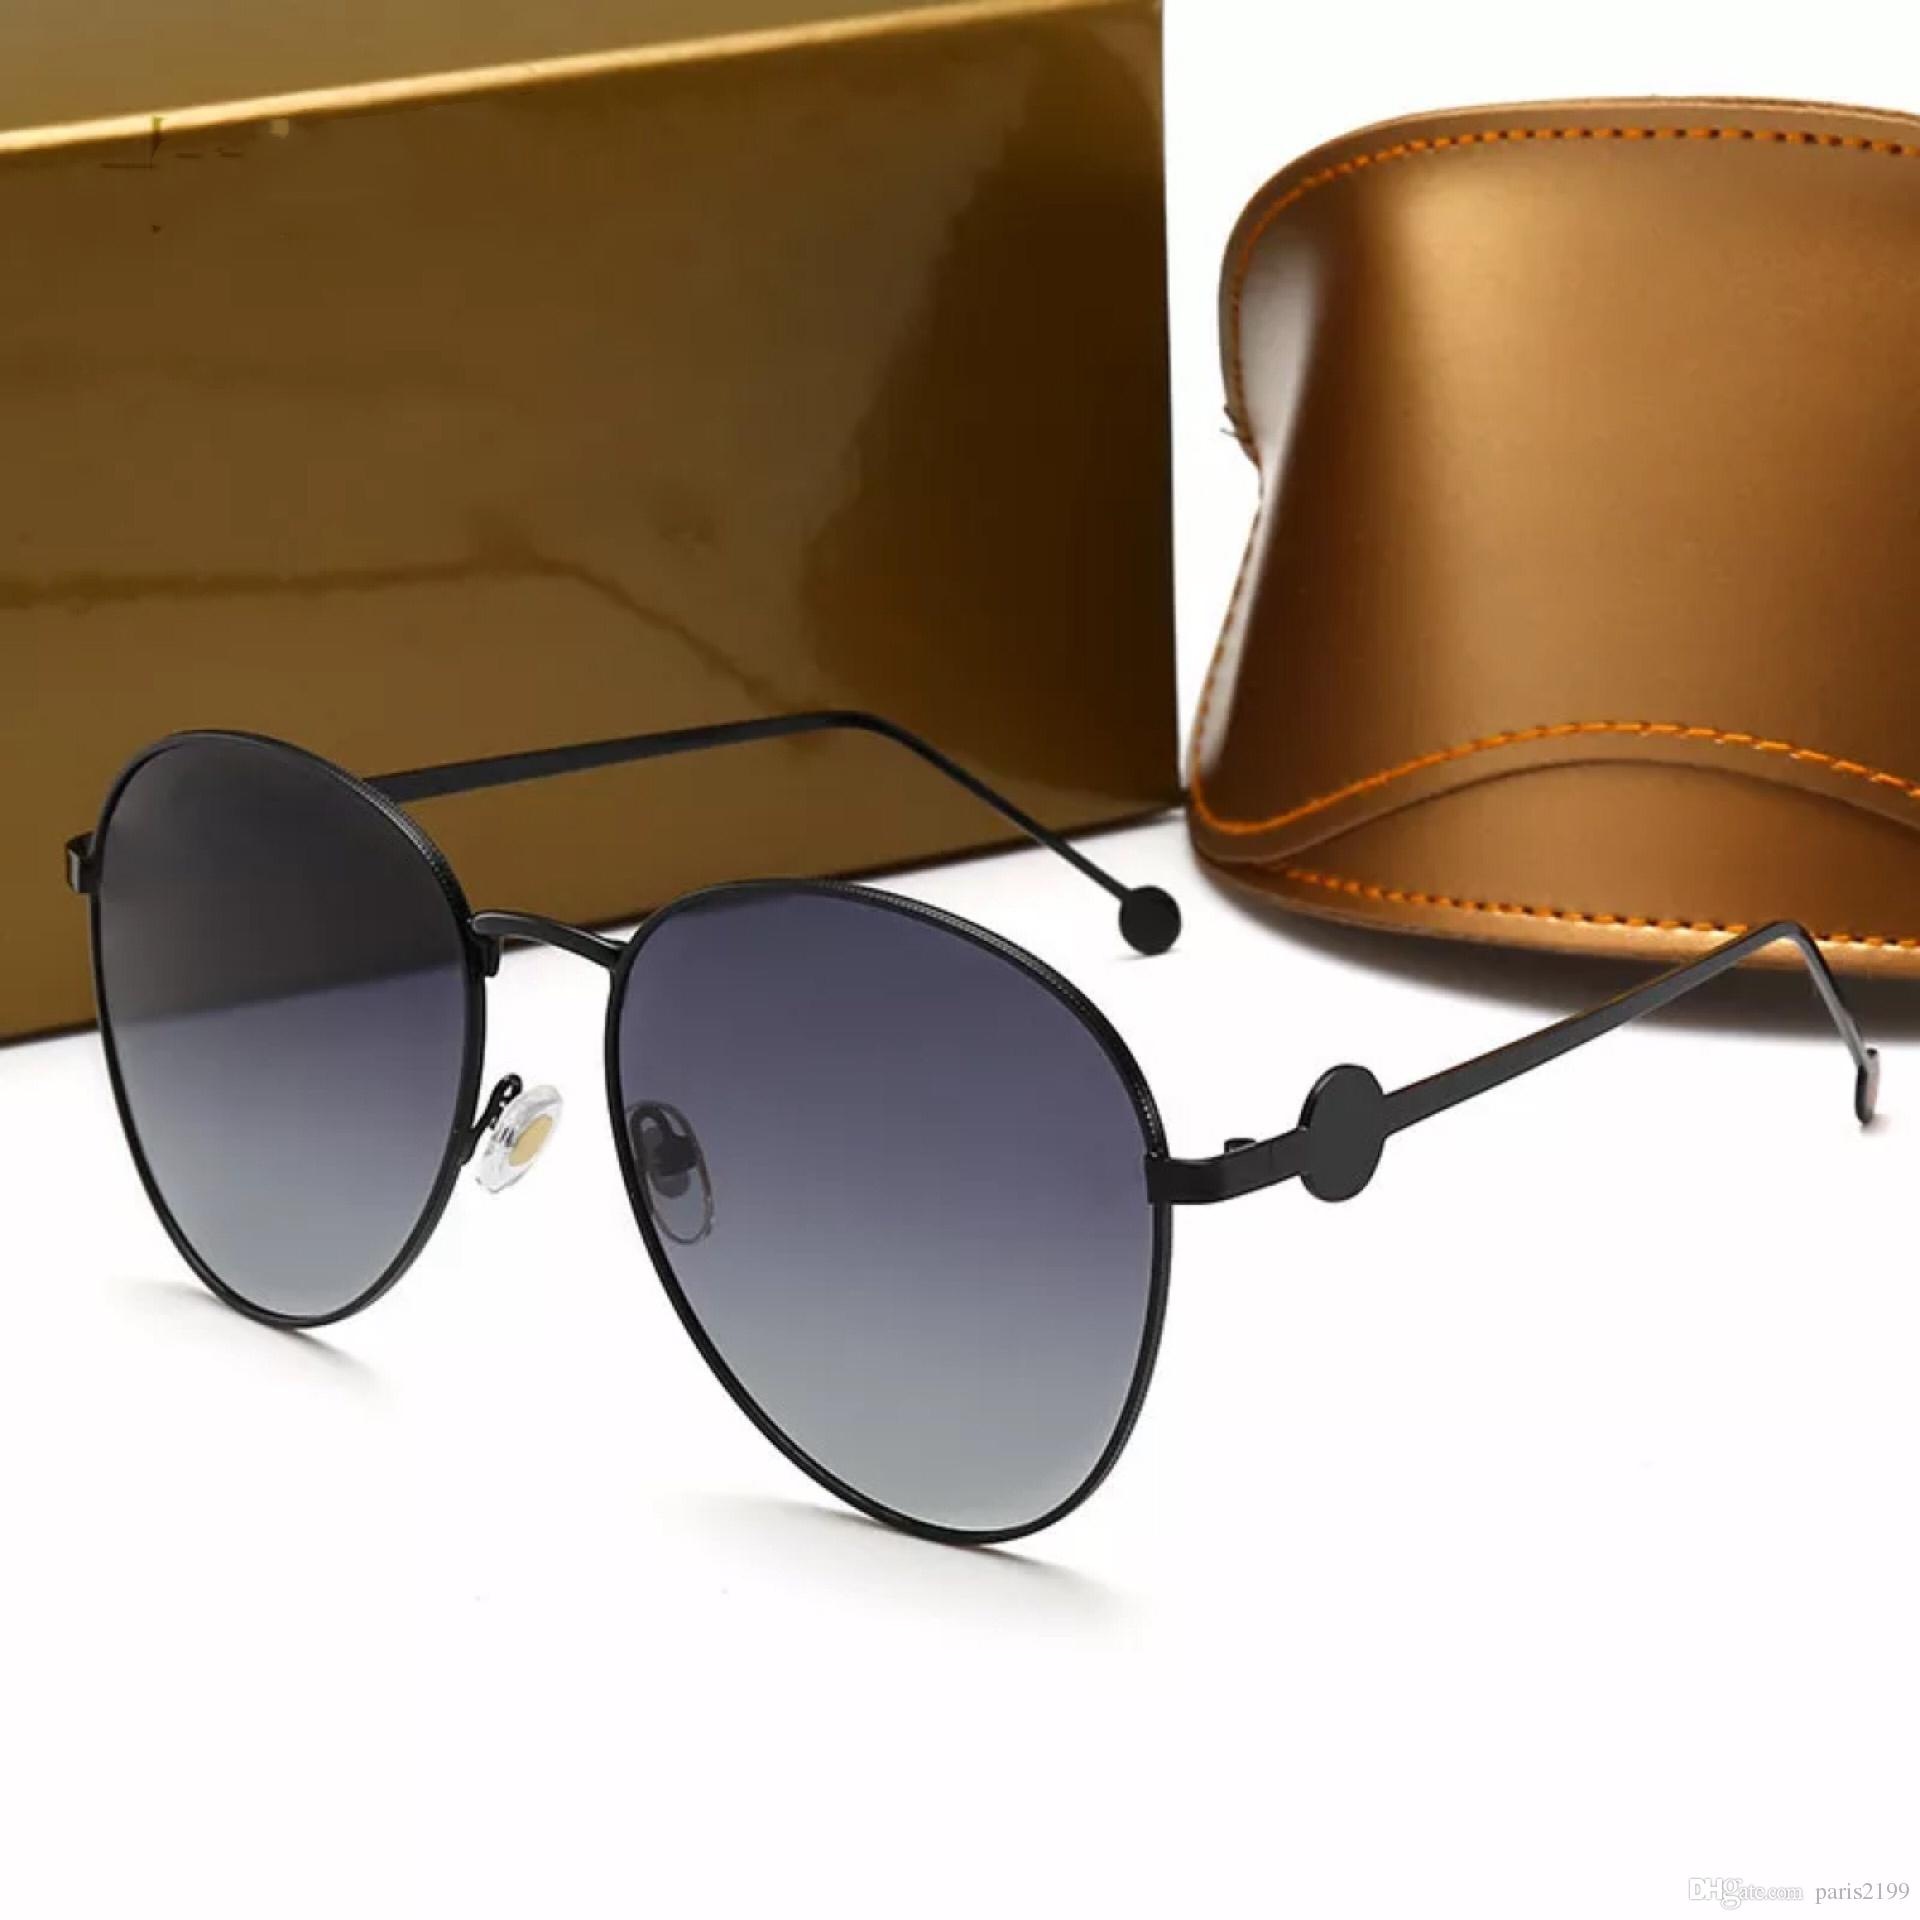 Gafas EyewearCaja 2019 Moda Diseñador Sol Shades Mujer Nuevas De Para Style Original Alta Calidad Vintage Polarizing Frame vmNwO80n